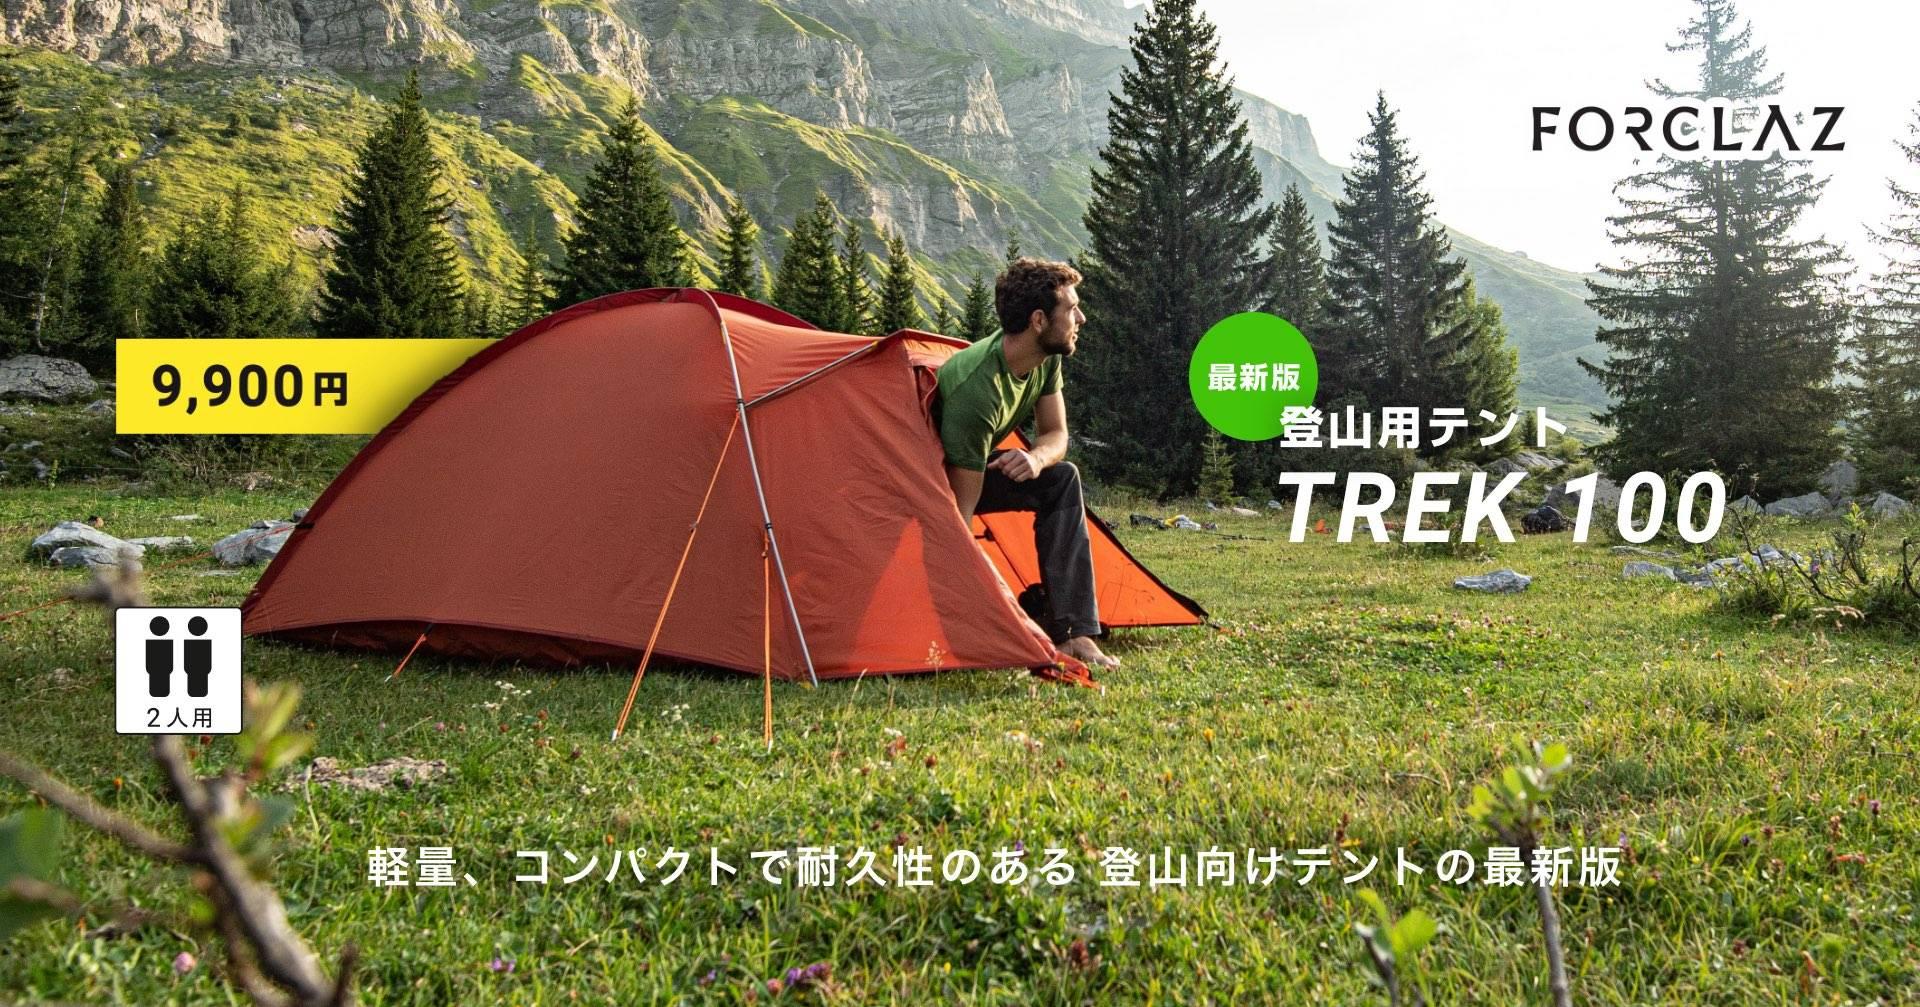 デカトロン FORCLAZ (フォルクラ) キャンプ・トレッキング・登山・ソロキャン用 テント  3シーズン用 自立式 TREK 100 - 2人用 - (旧ケシュア)